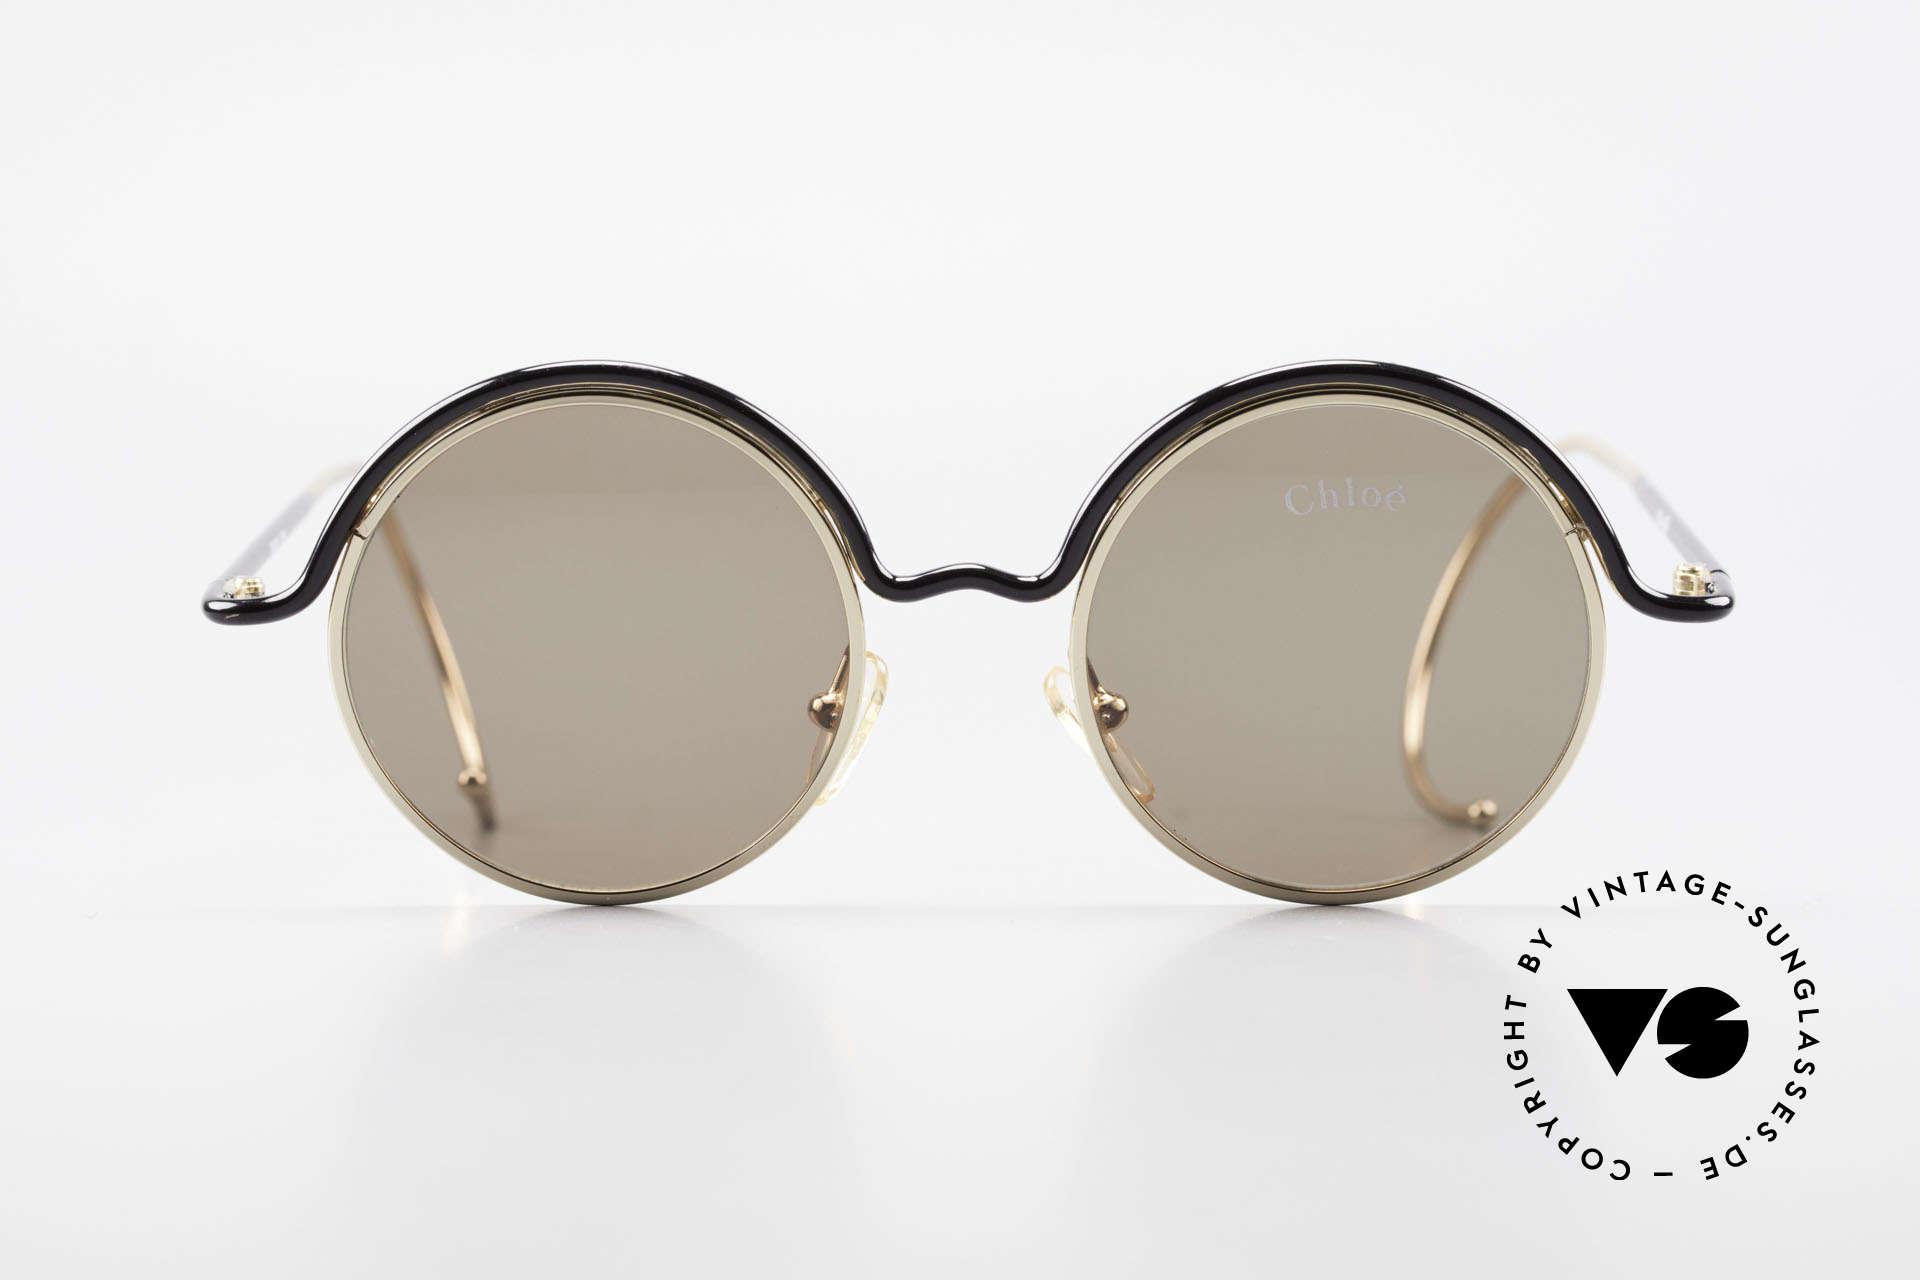 Chloe Show 1 Runde Sonnenbrille Damen, zeitlose 1990er Jahre Brille mit Sport-Bügeln, Passend für Damen